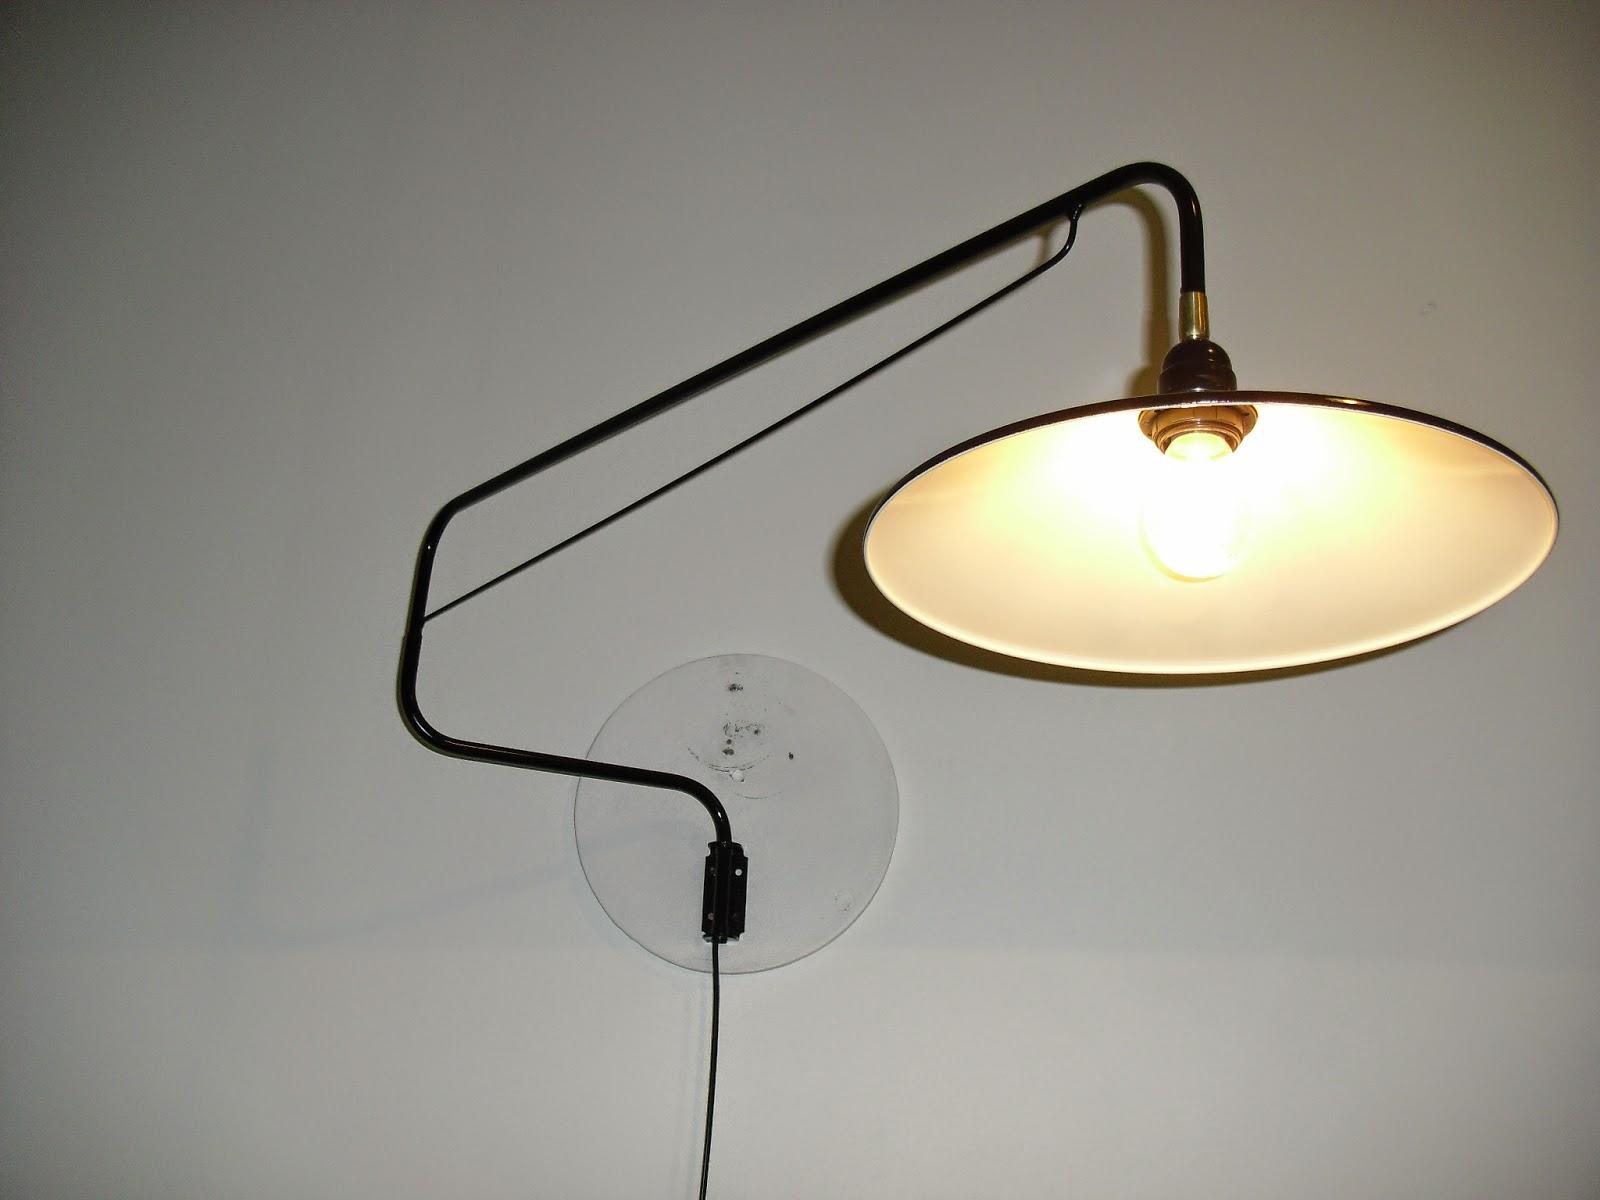 wall lights 2017 lampe potence applique vintage 5. Black Bedroom Furniture Sets. Home Design Ideas